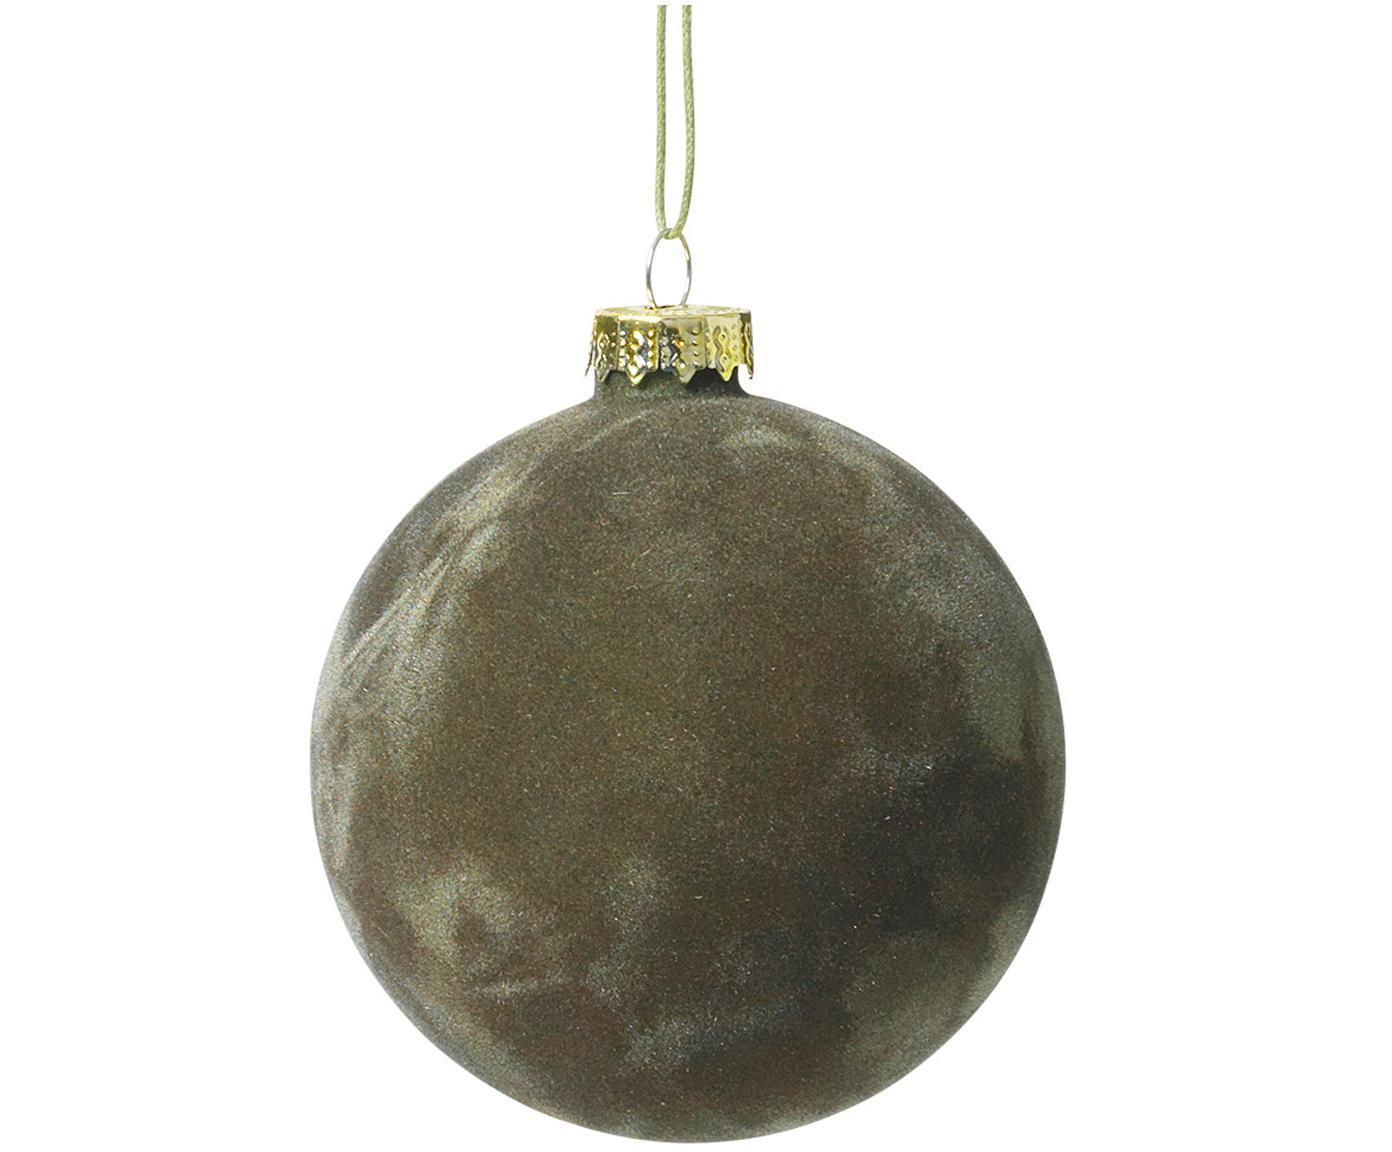 Samt-Weihnachtskugeln Alcan Ø8cm, 3Stück, Dunkelgrün, Ø 8 cm